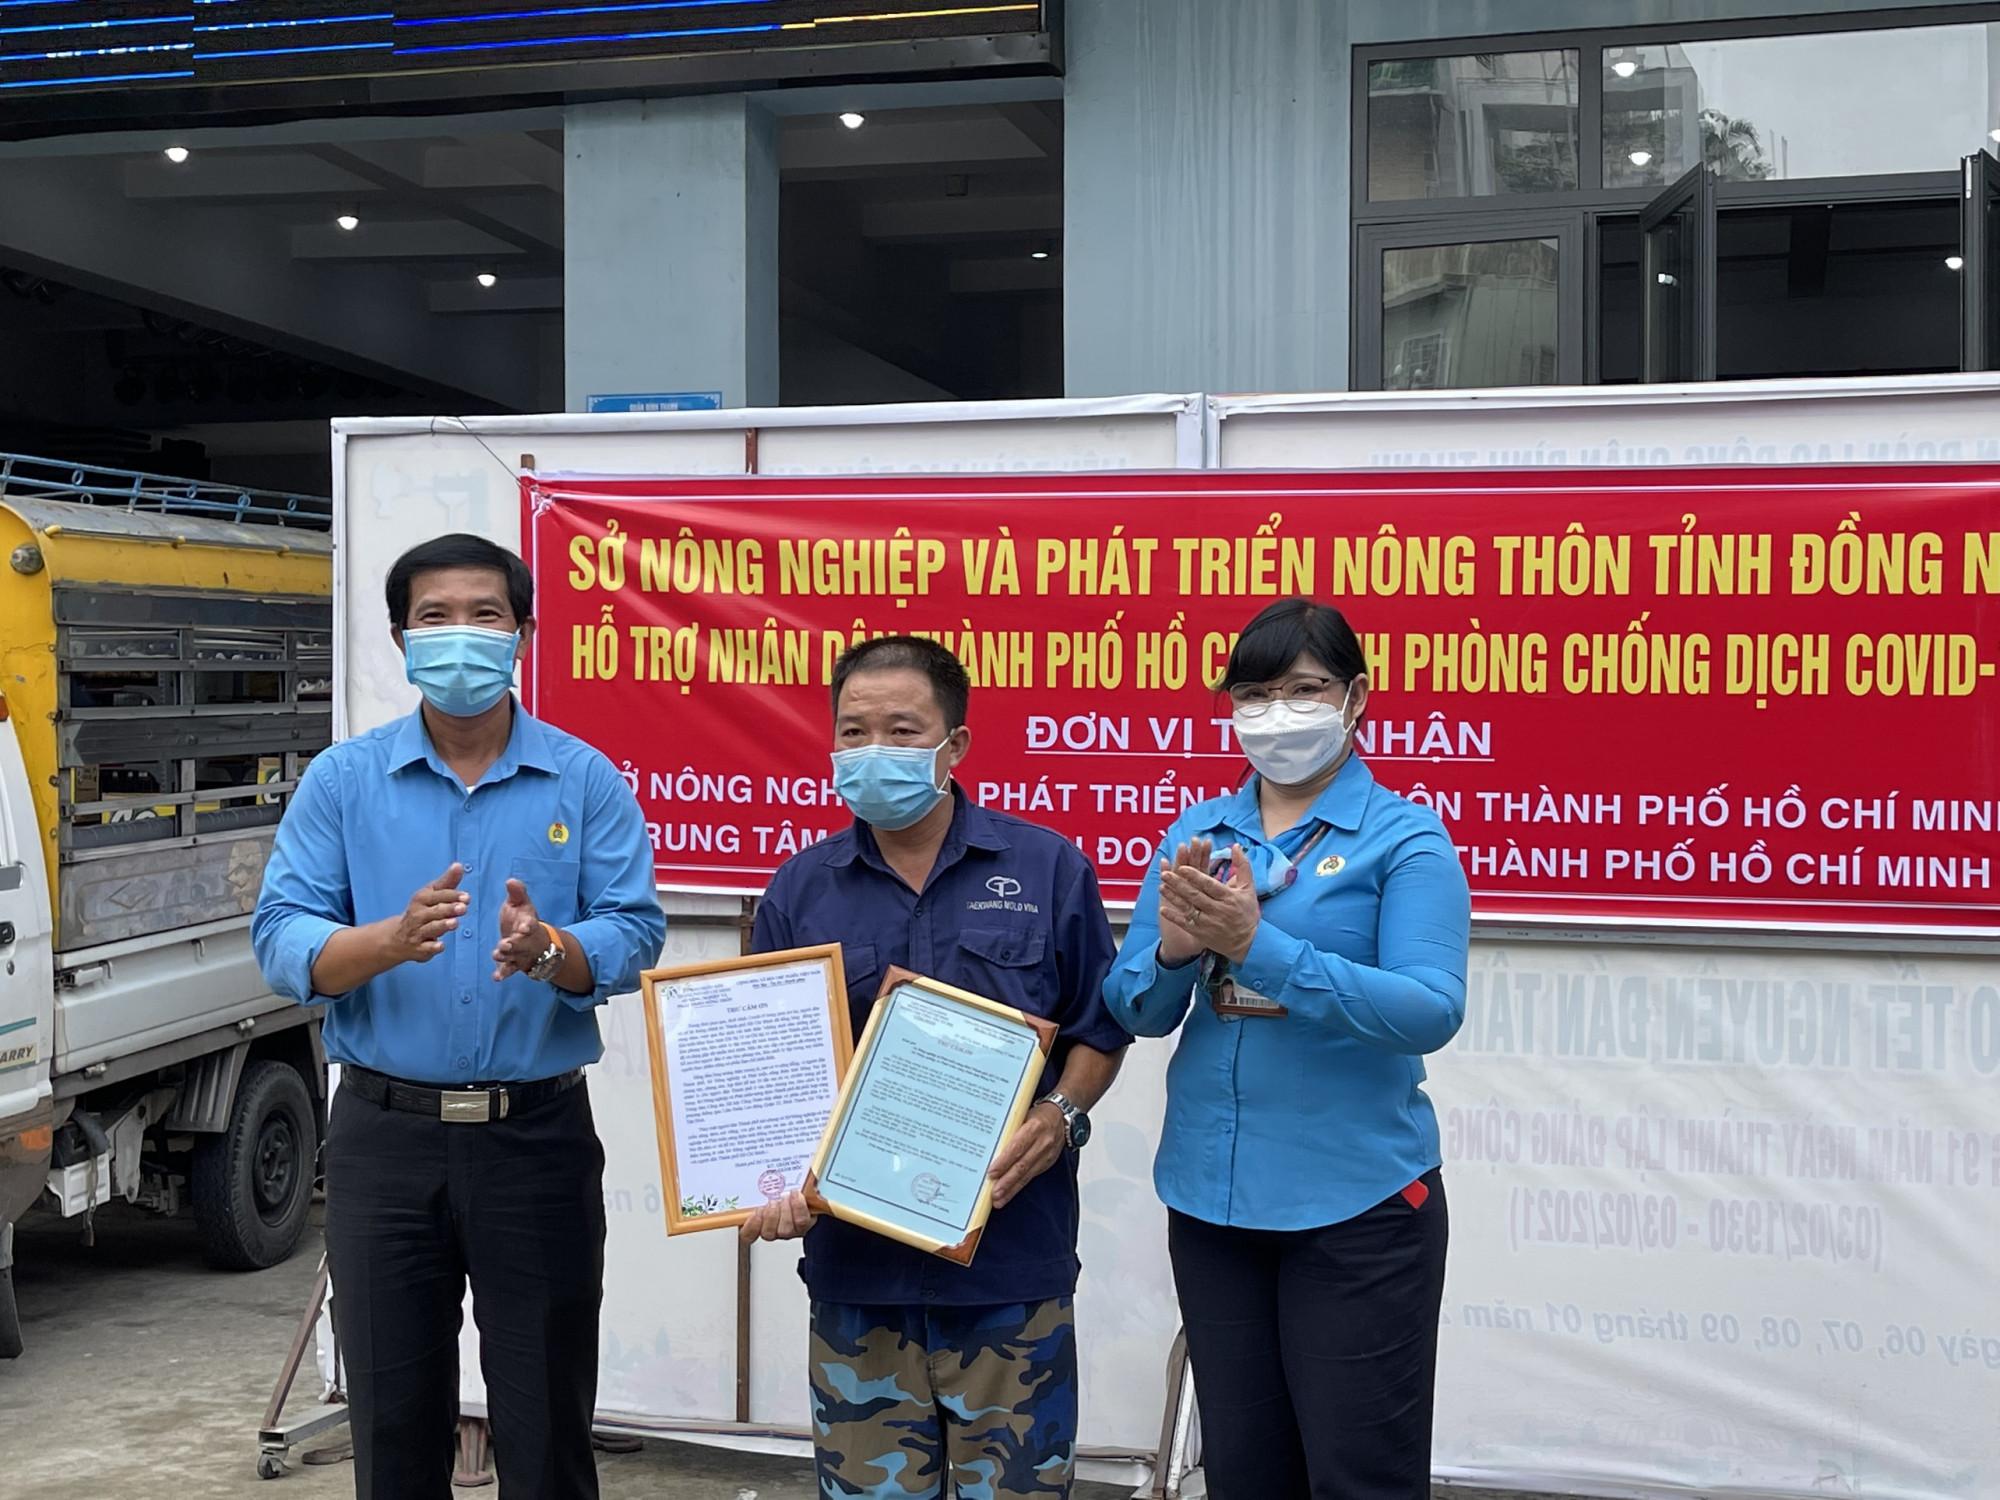 Trung tâm công tác xã hội công đoàn Thành phố tiếp nhận nông sản từ Sở Nông Nghiệp và Phát triển Nông thôn tỉnh Đồng Nai